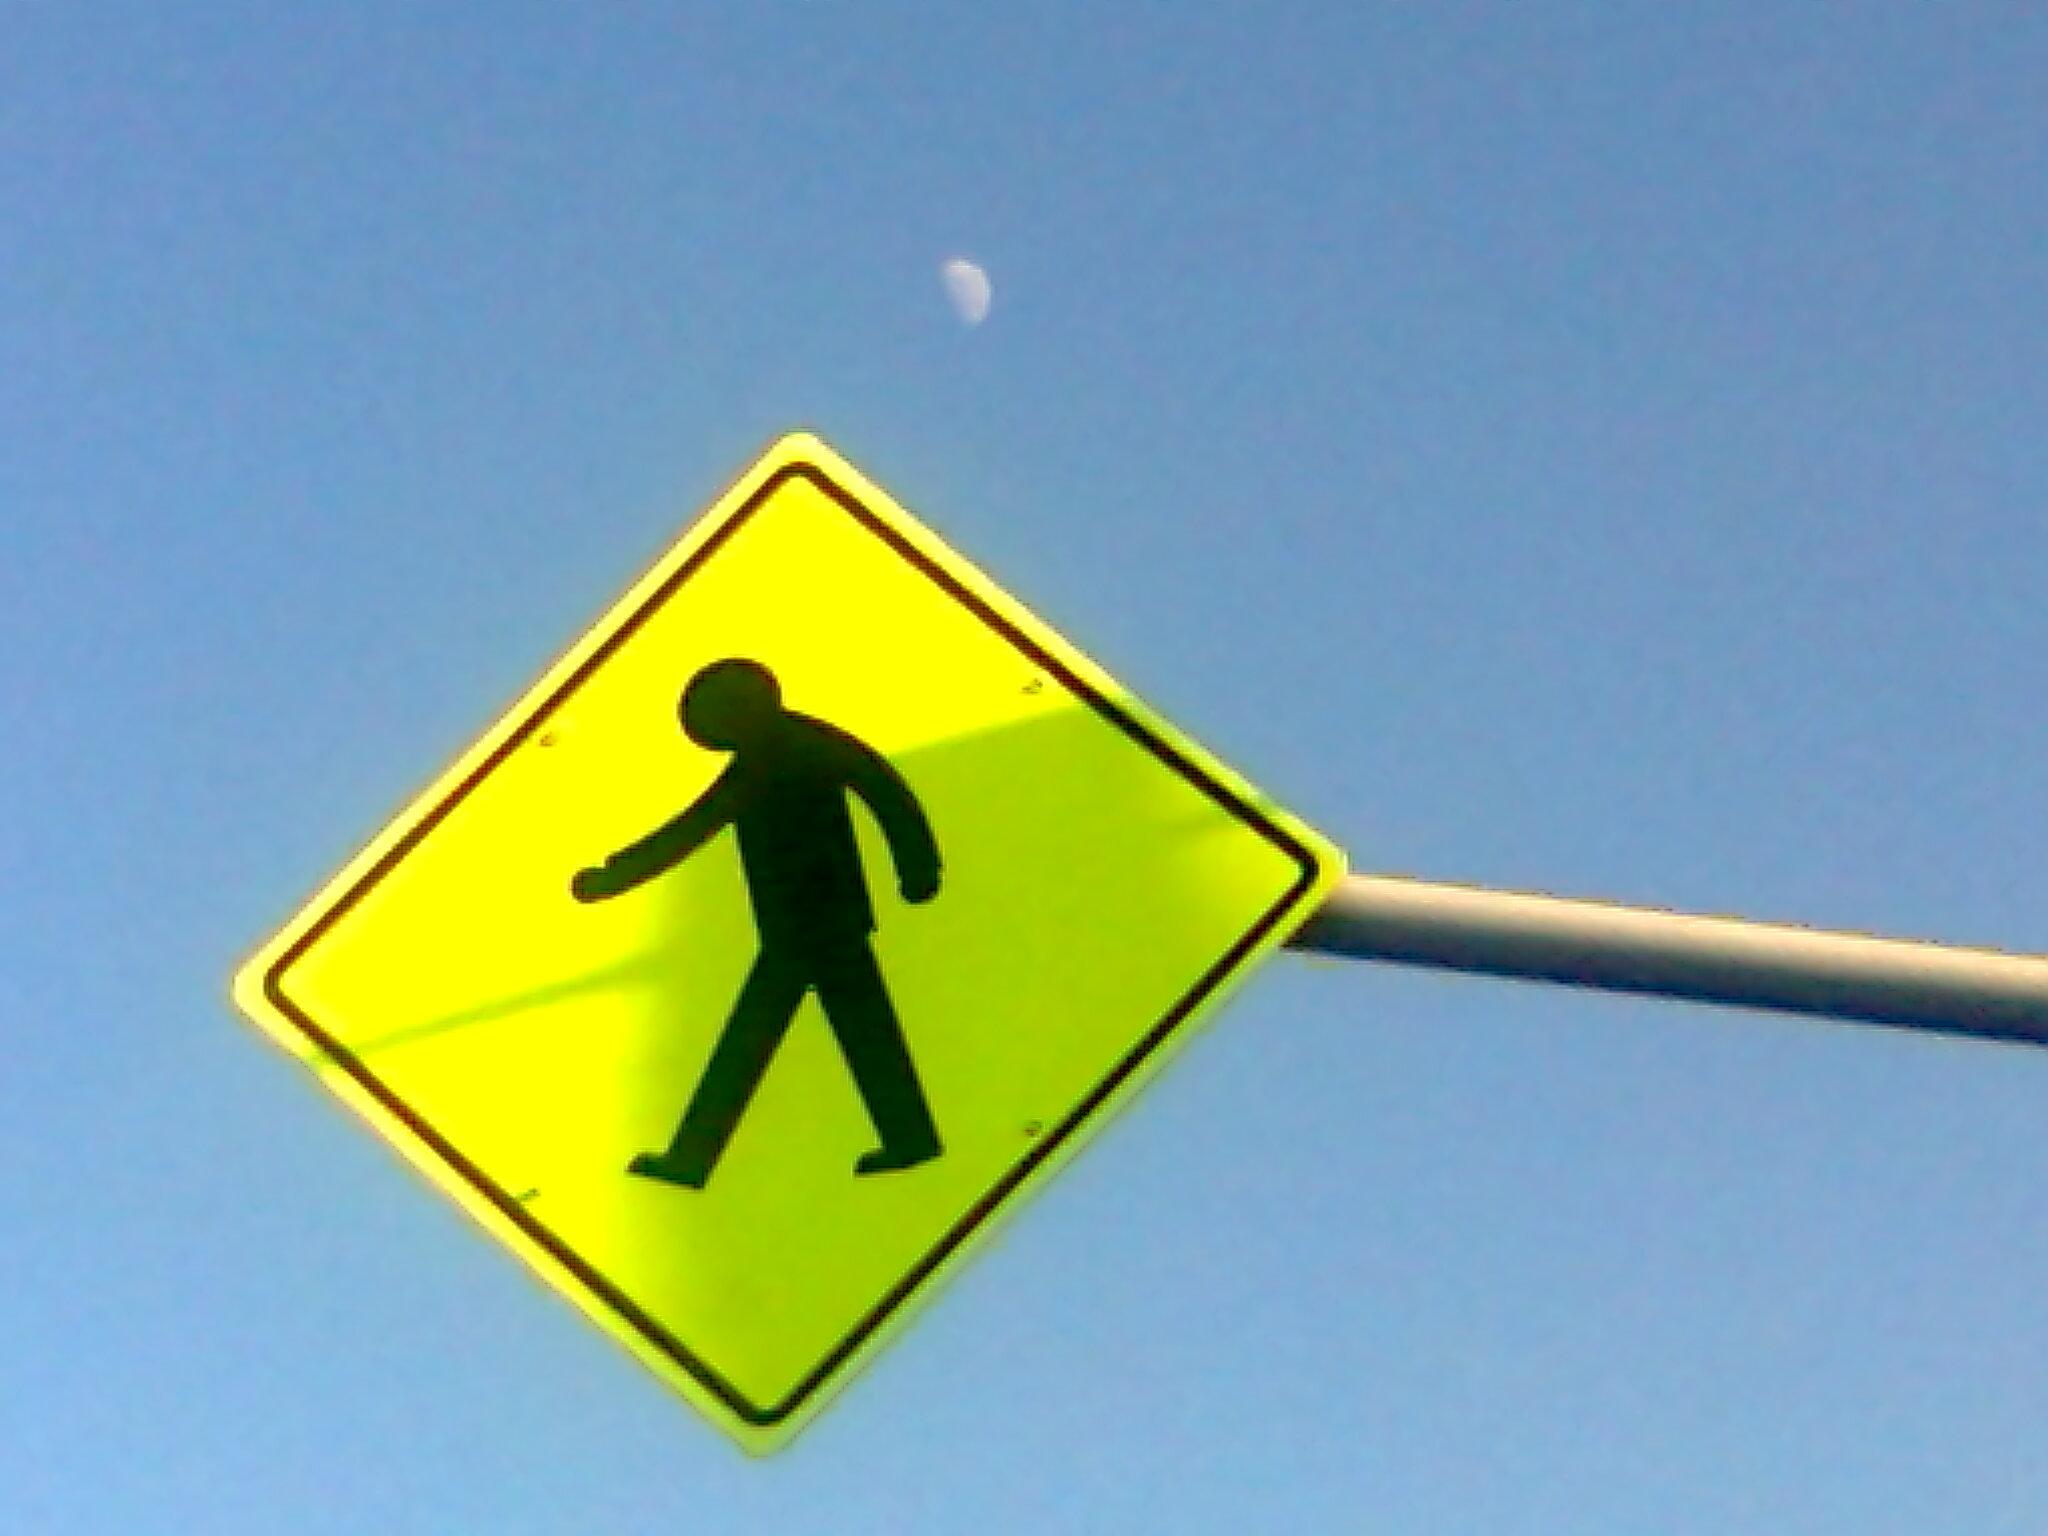 12 Lindo cartel con luna atrás, del 14 de octubre de 2014